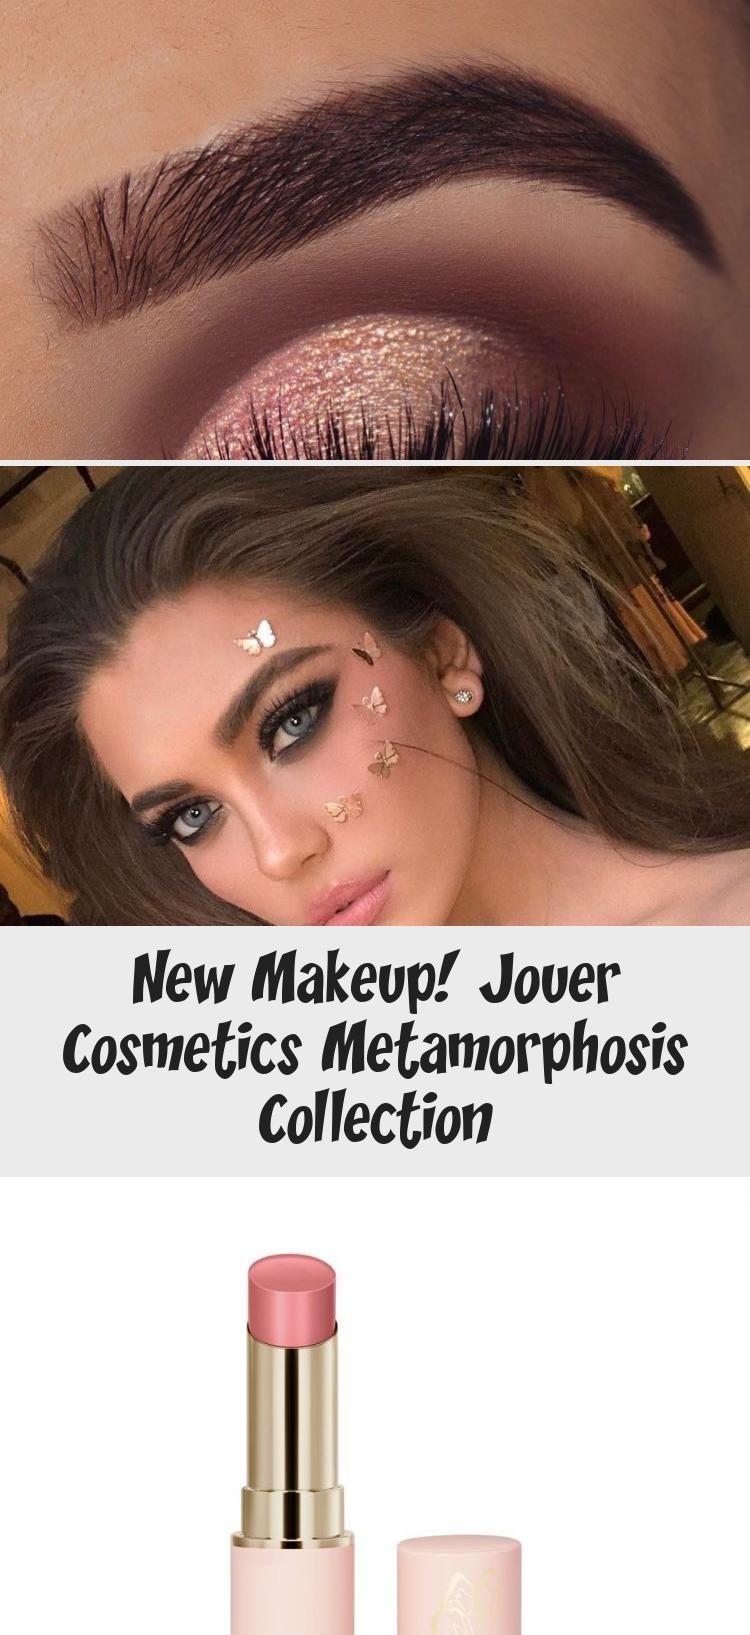 New Makeup Jouer Cosmetics Metamorphosis Collection In 2020 Jouer Cosmetics Eye Makeup Lip Enhancement